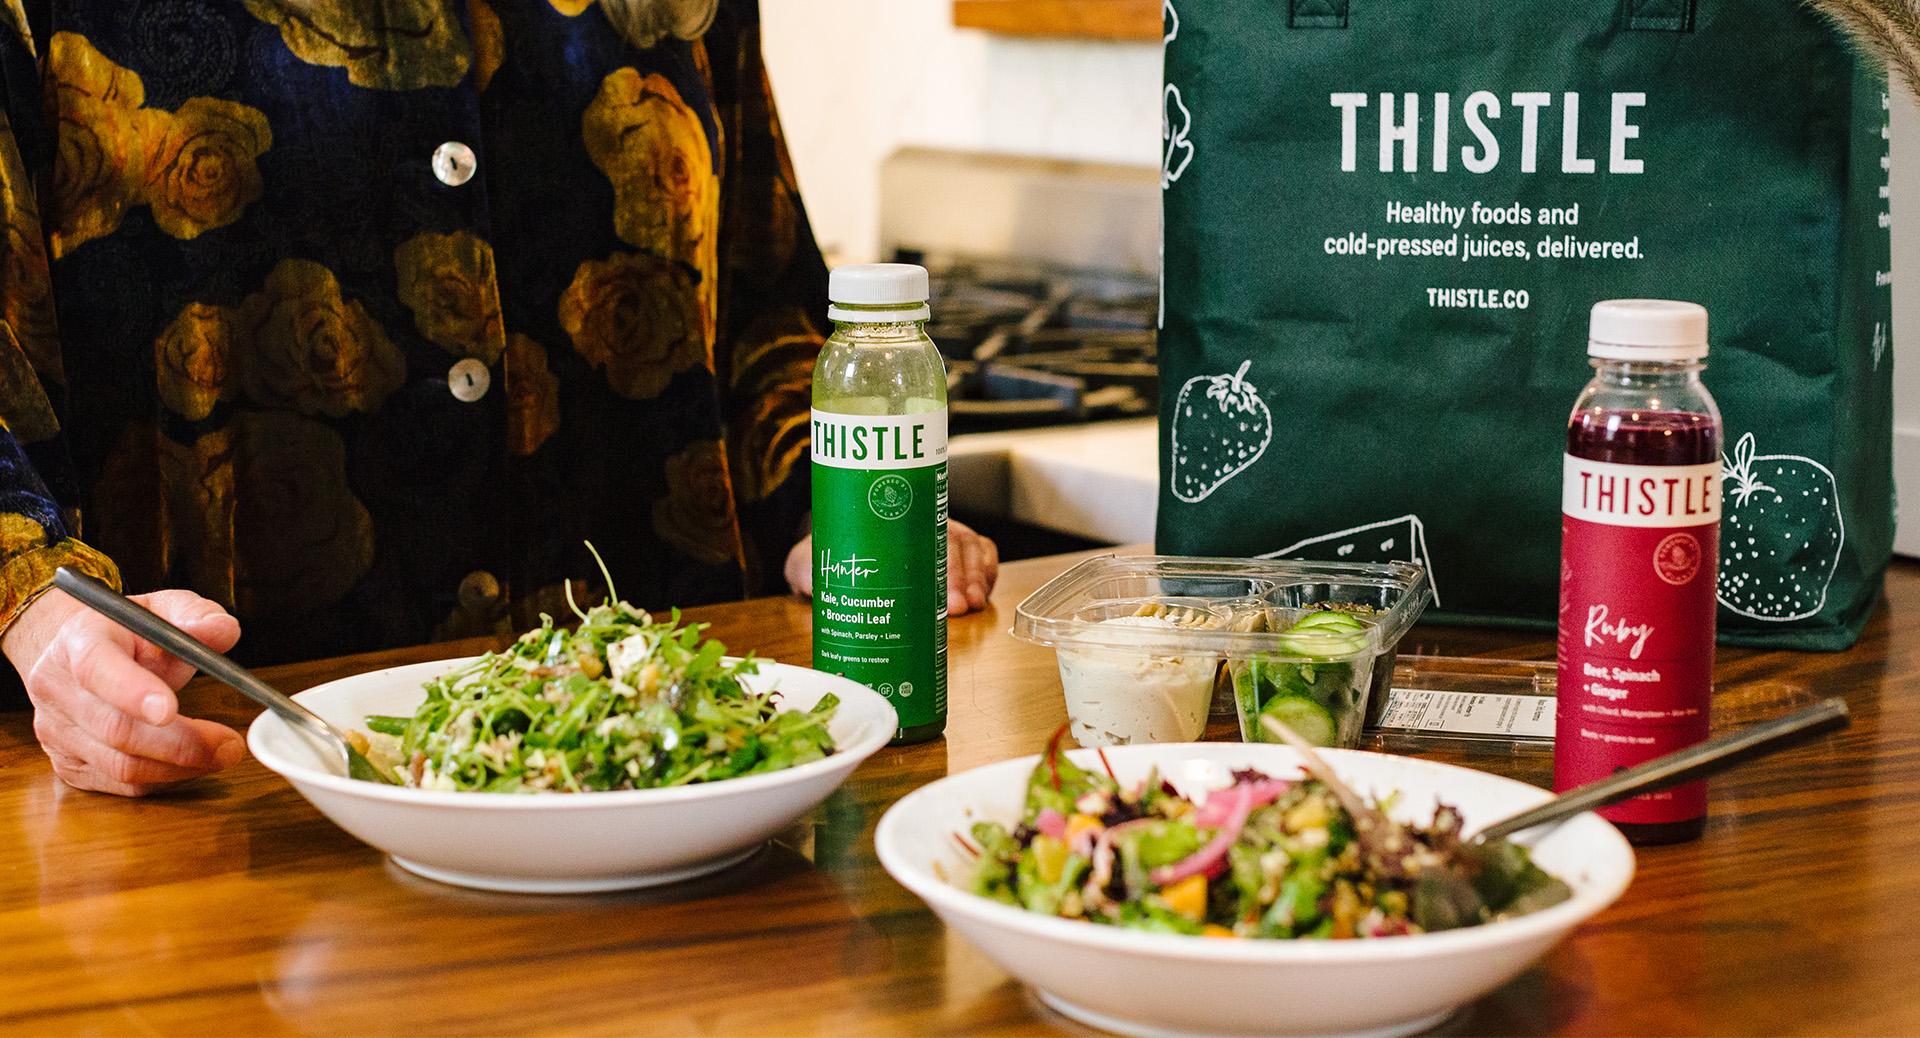 El piloto automático de dieta Thistle recauda $ 5 millones para suscripciones de alimentos saludables 4